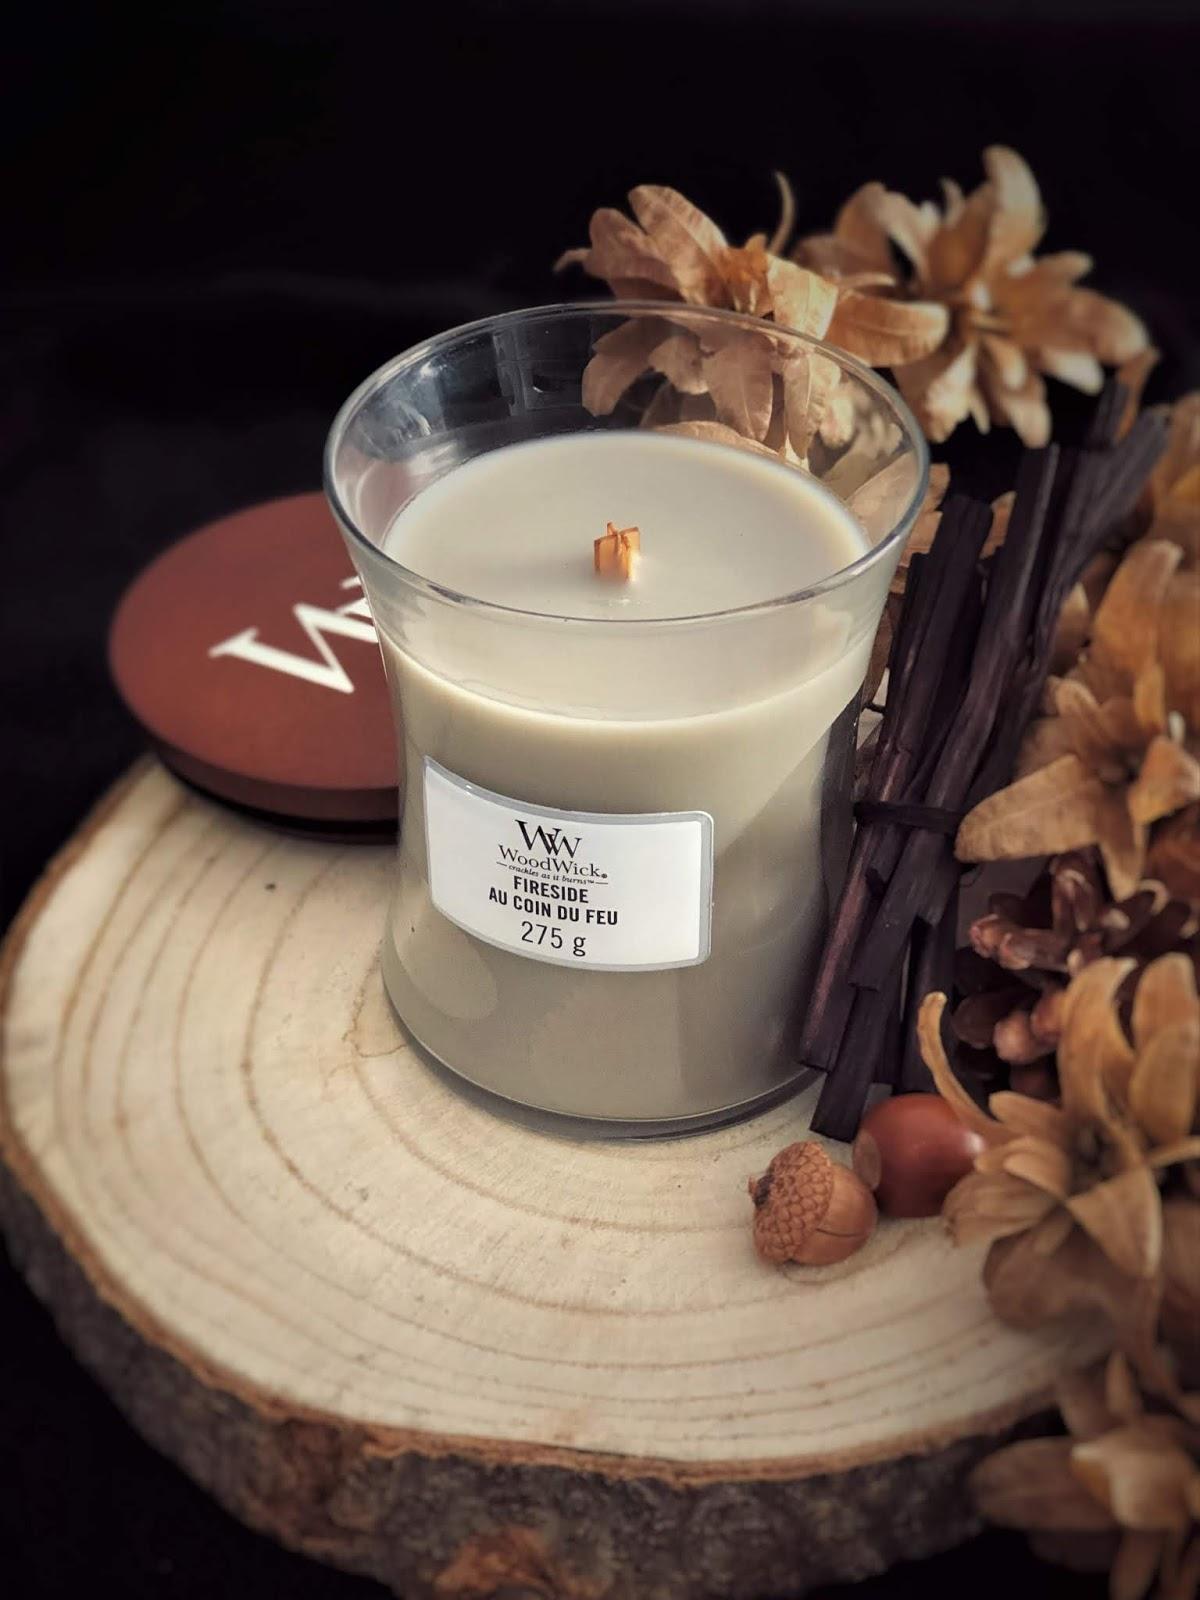 Fireside WoodWick - zapach palącego się drewna zamknięty w świecy